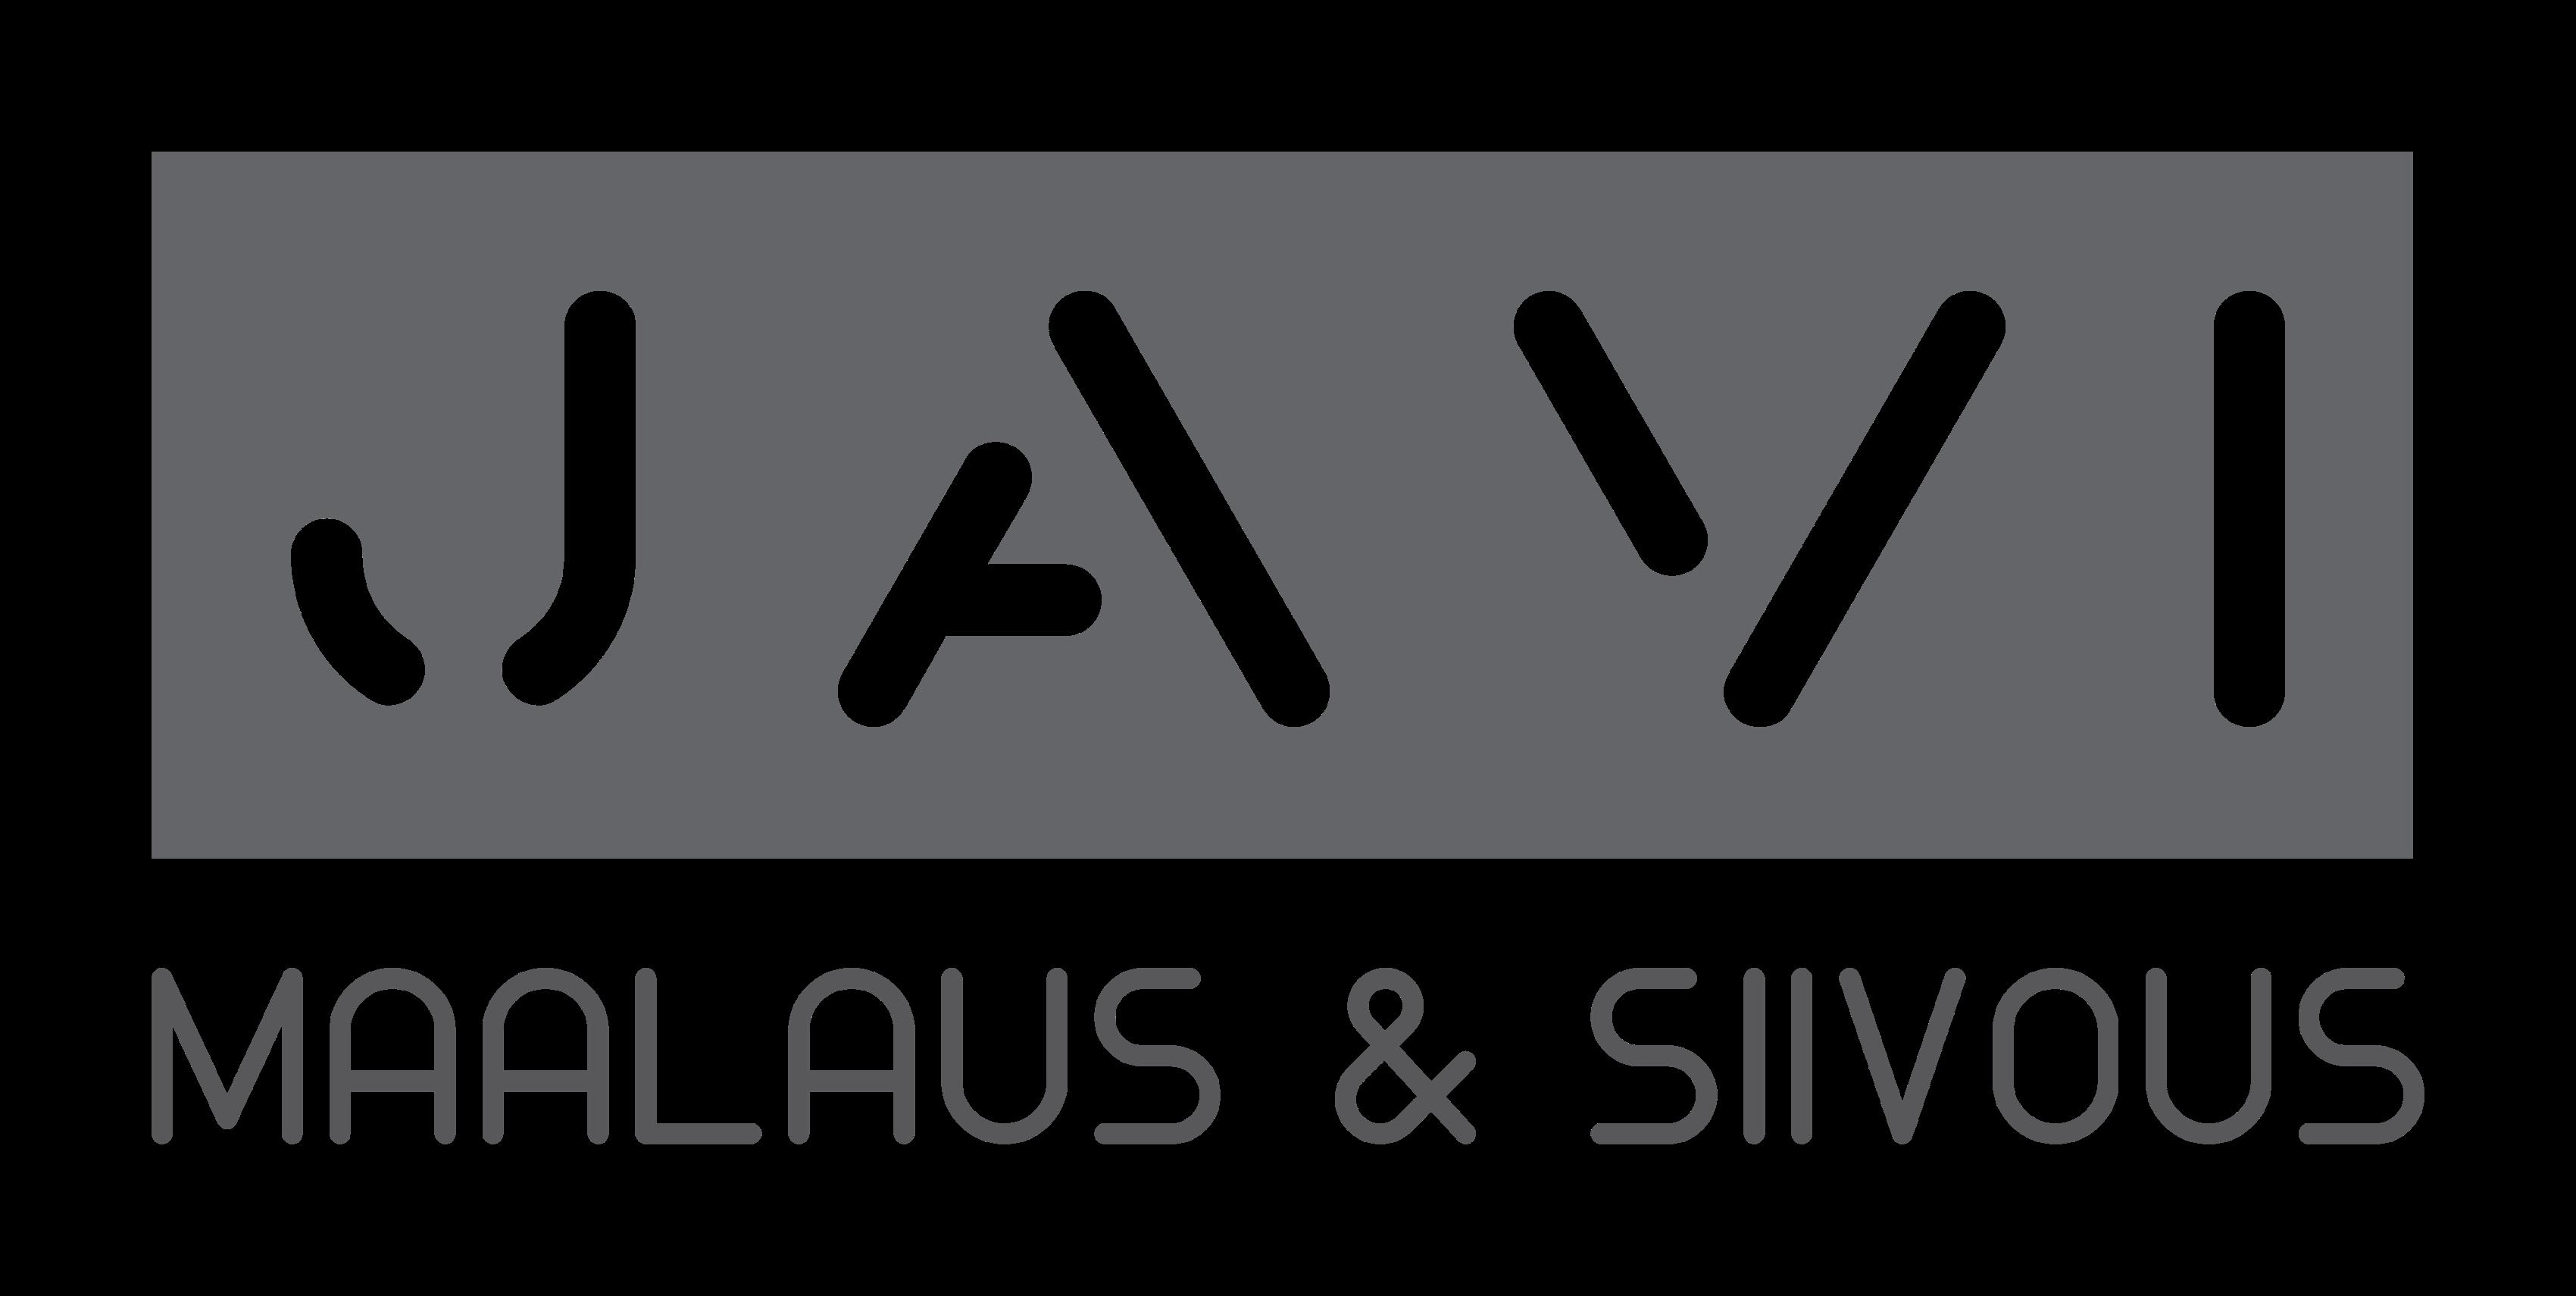 javi.fi